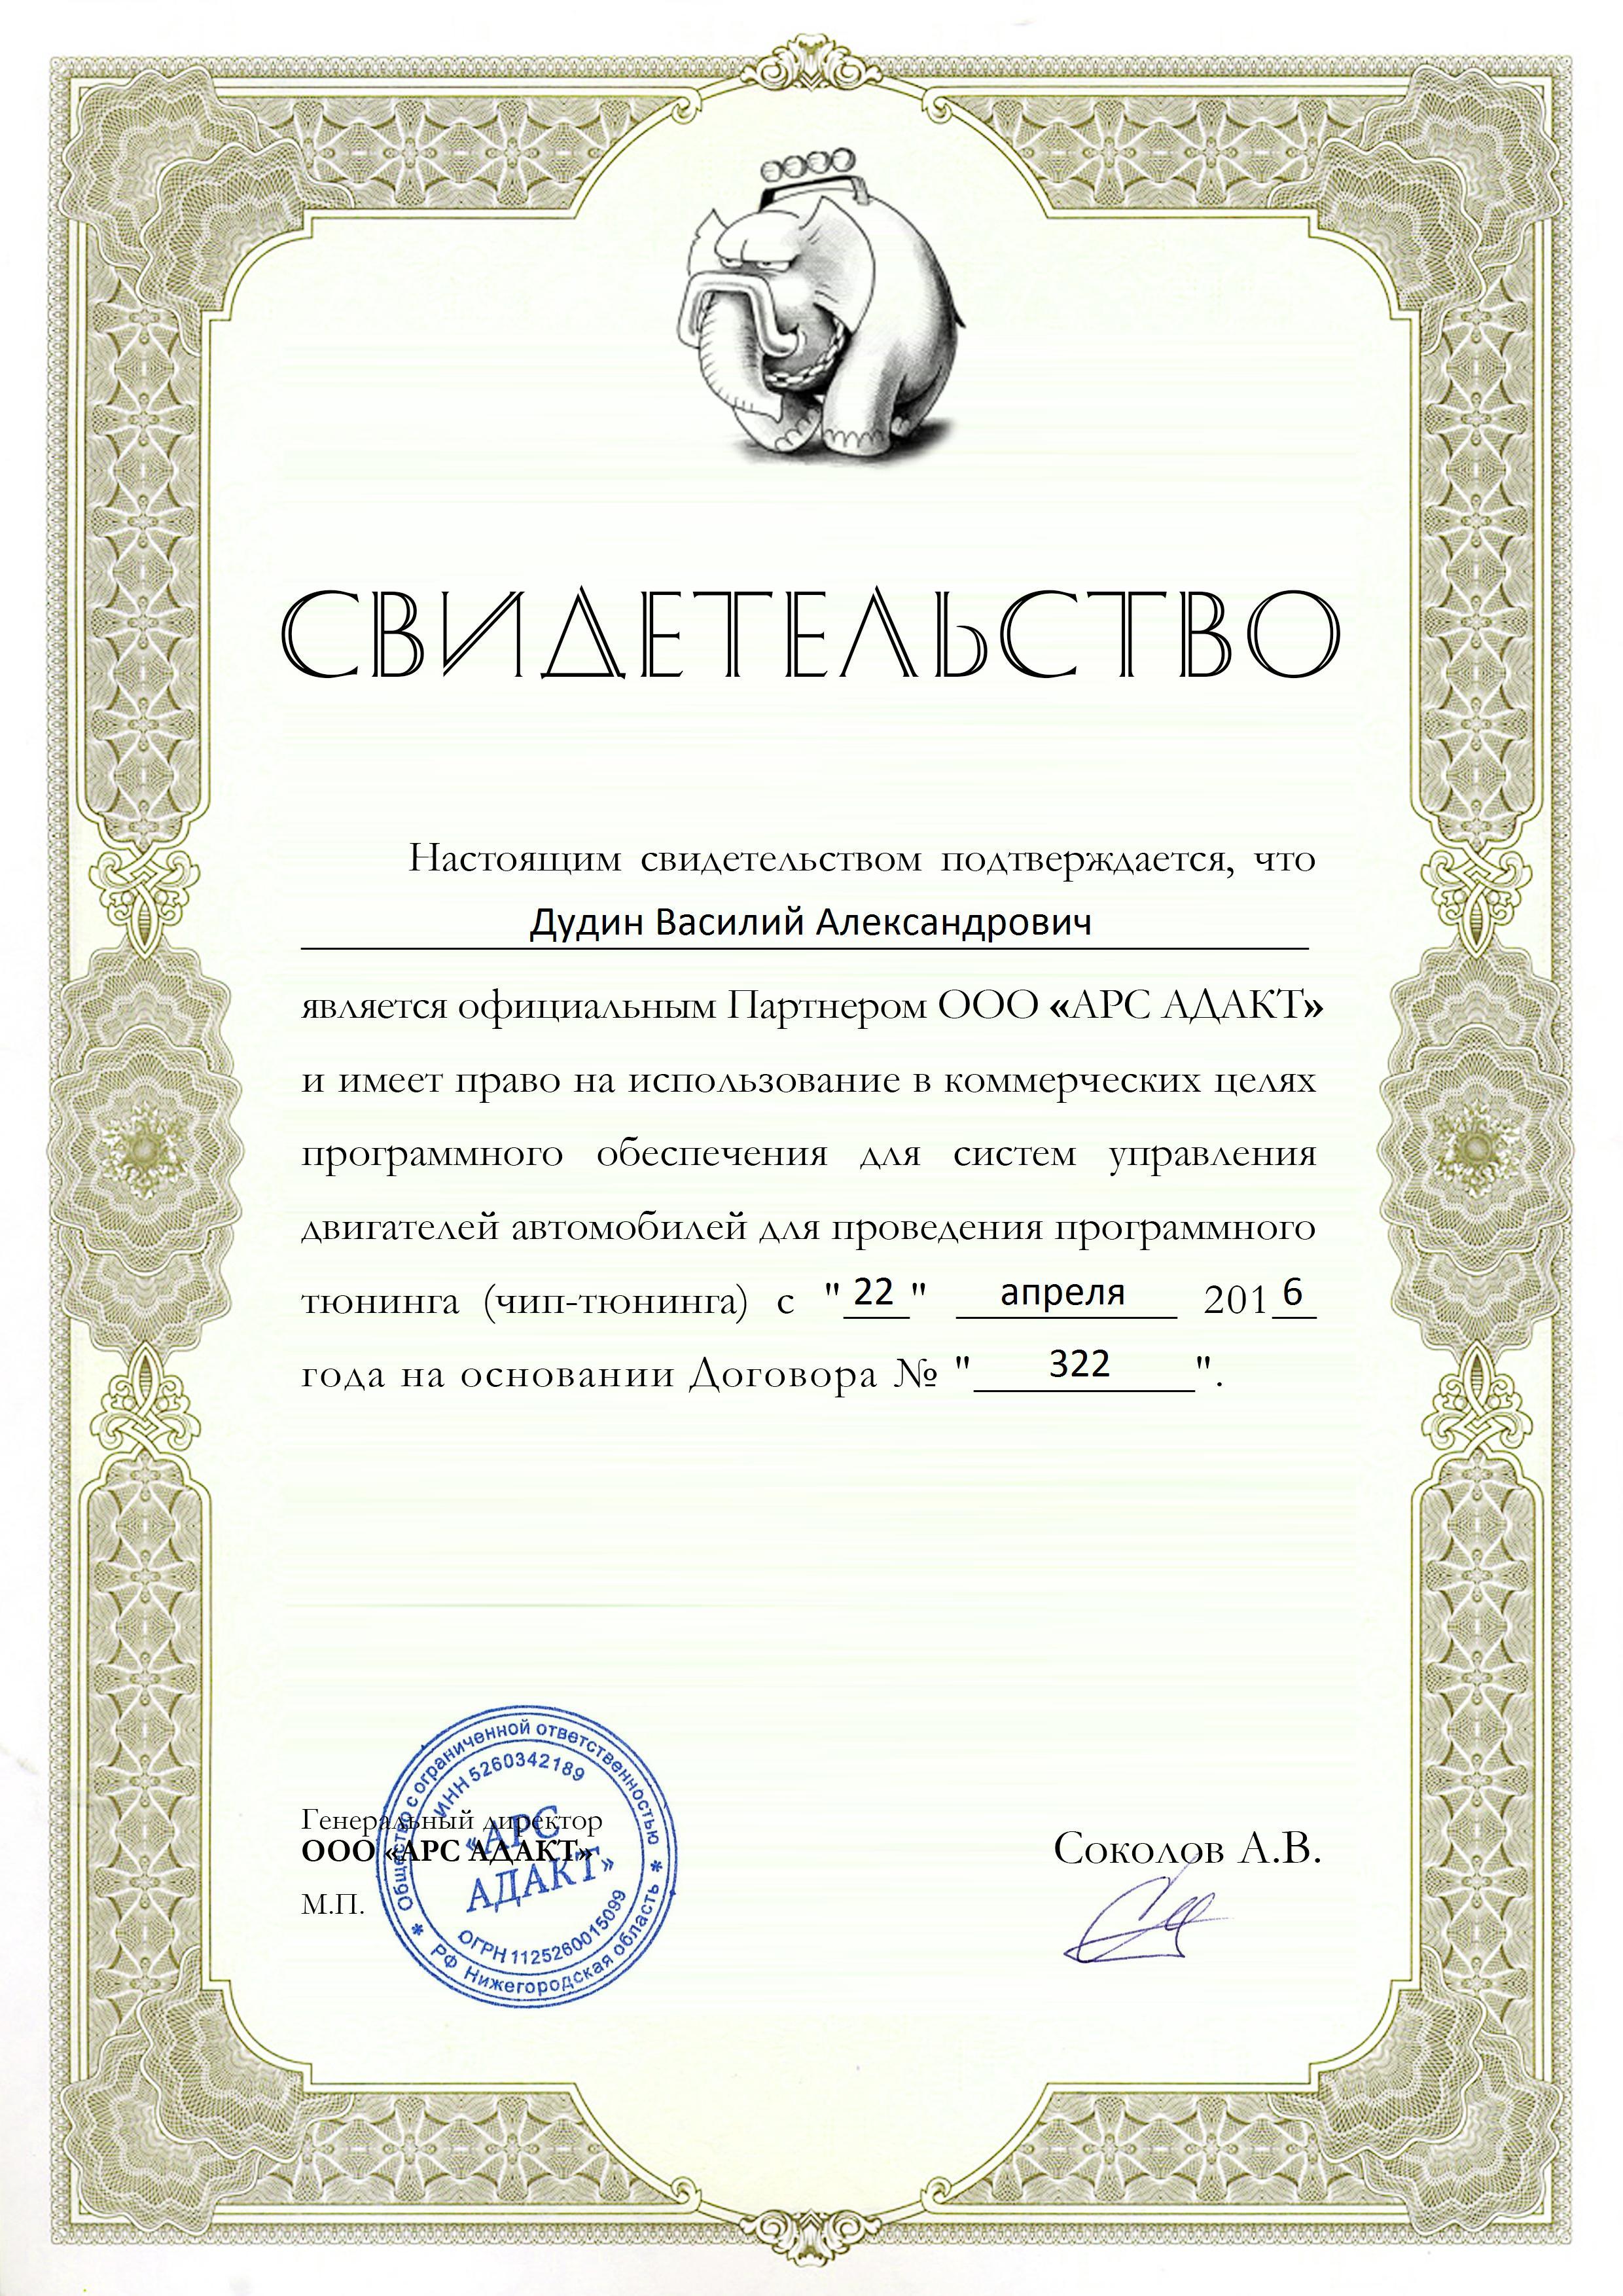 Чип-тюнинг в Сергиевом Посаде